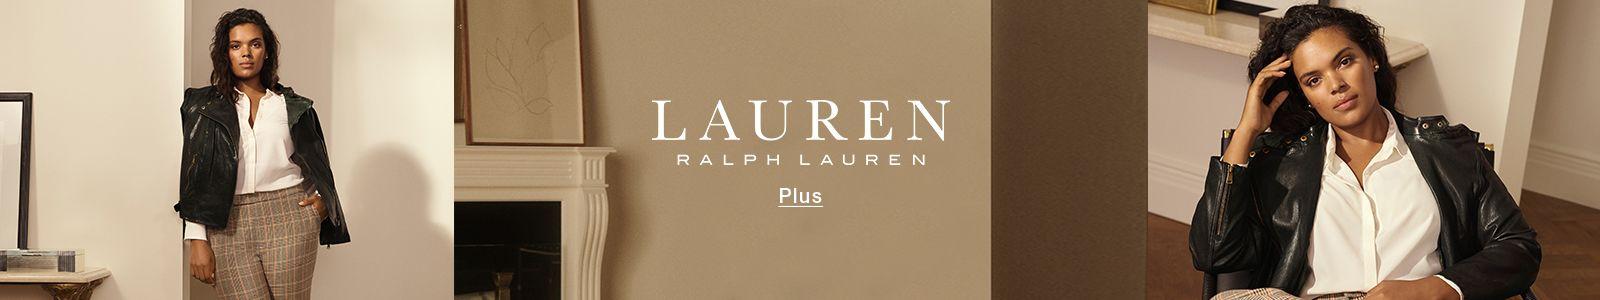 Lauren, Ralph Lauren, Plus